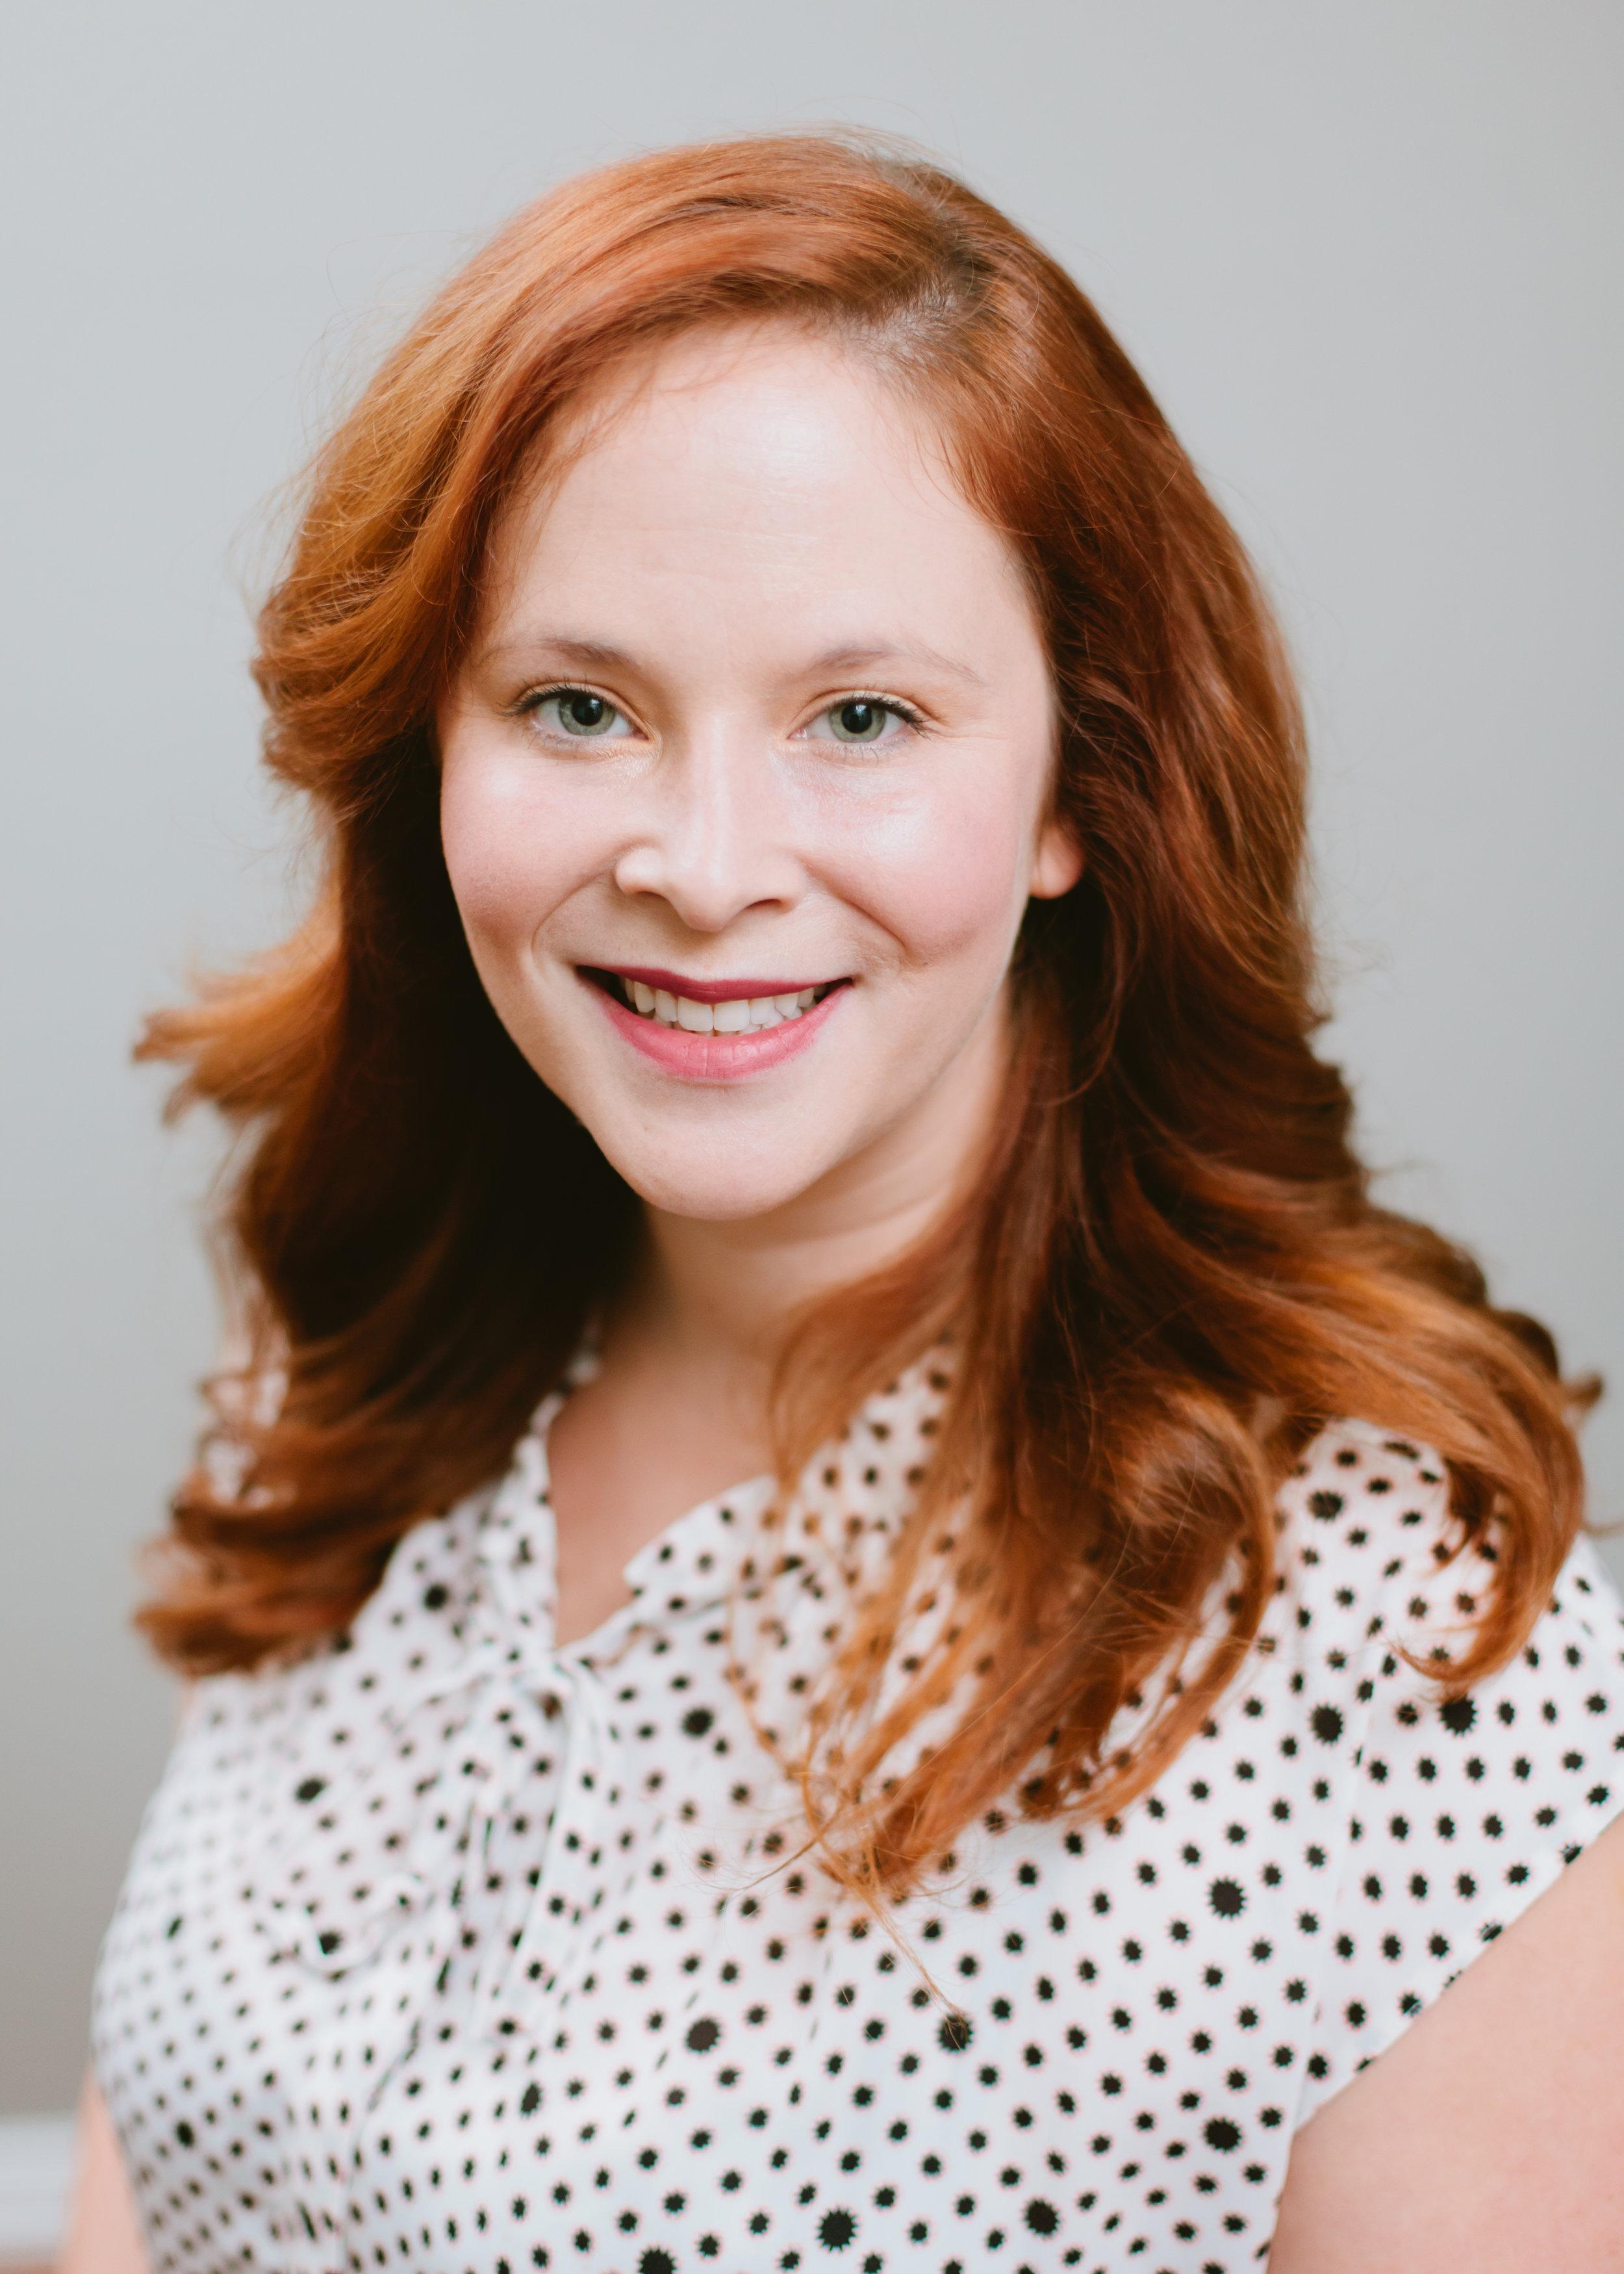 Jessica Rockwell - Makeup/ Hair Artist -